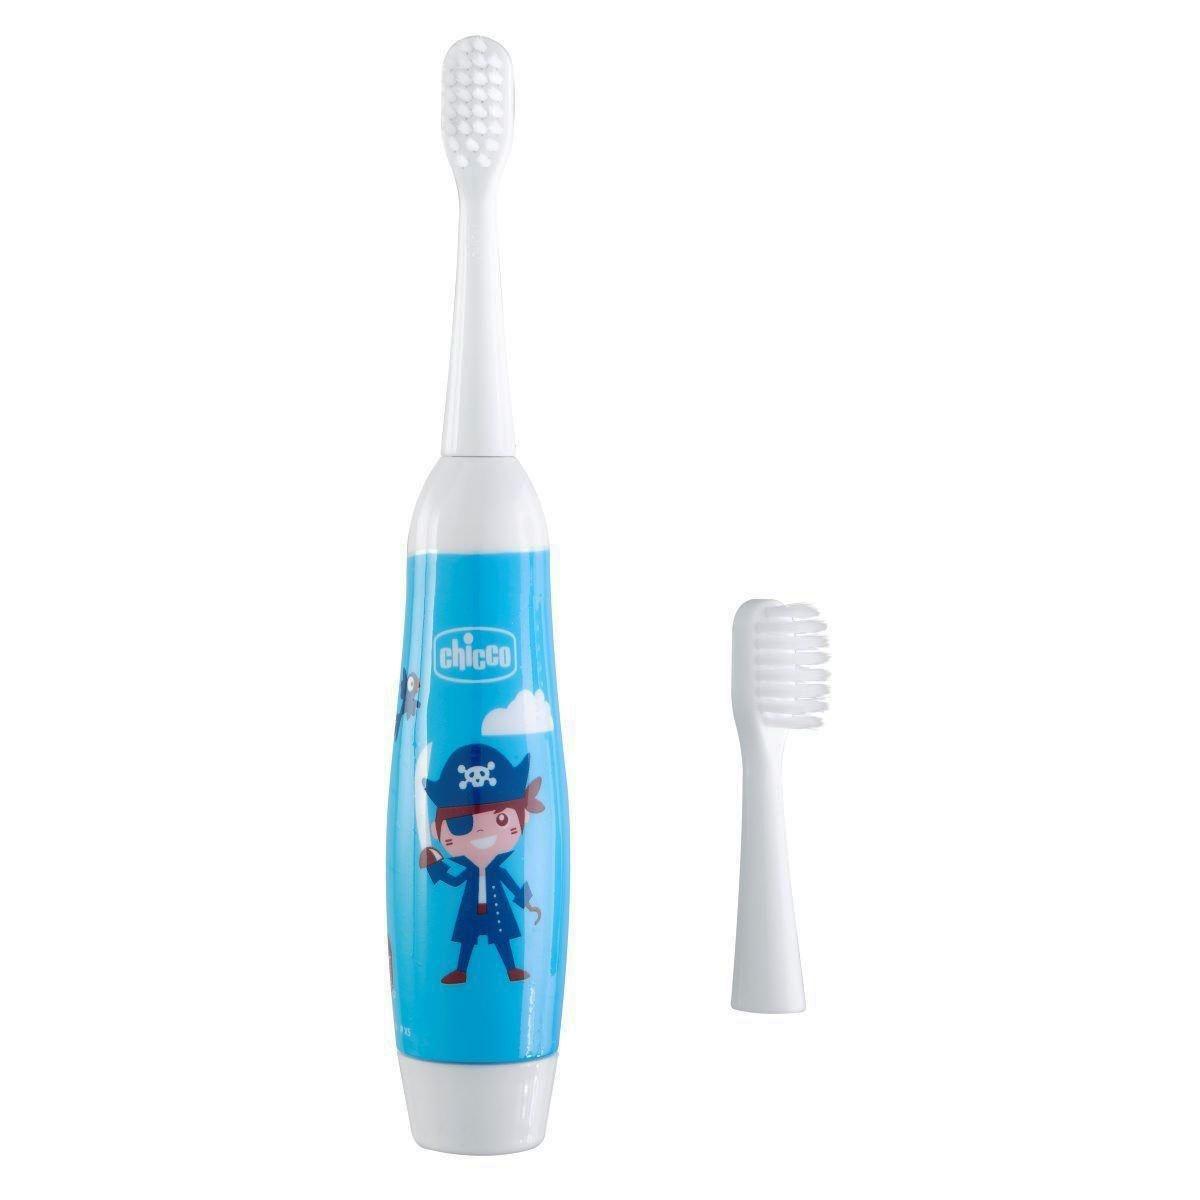 Електрична зубна щітка Chicco, від 3 років